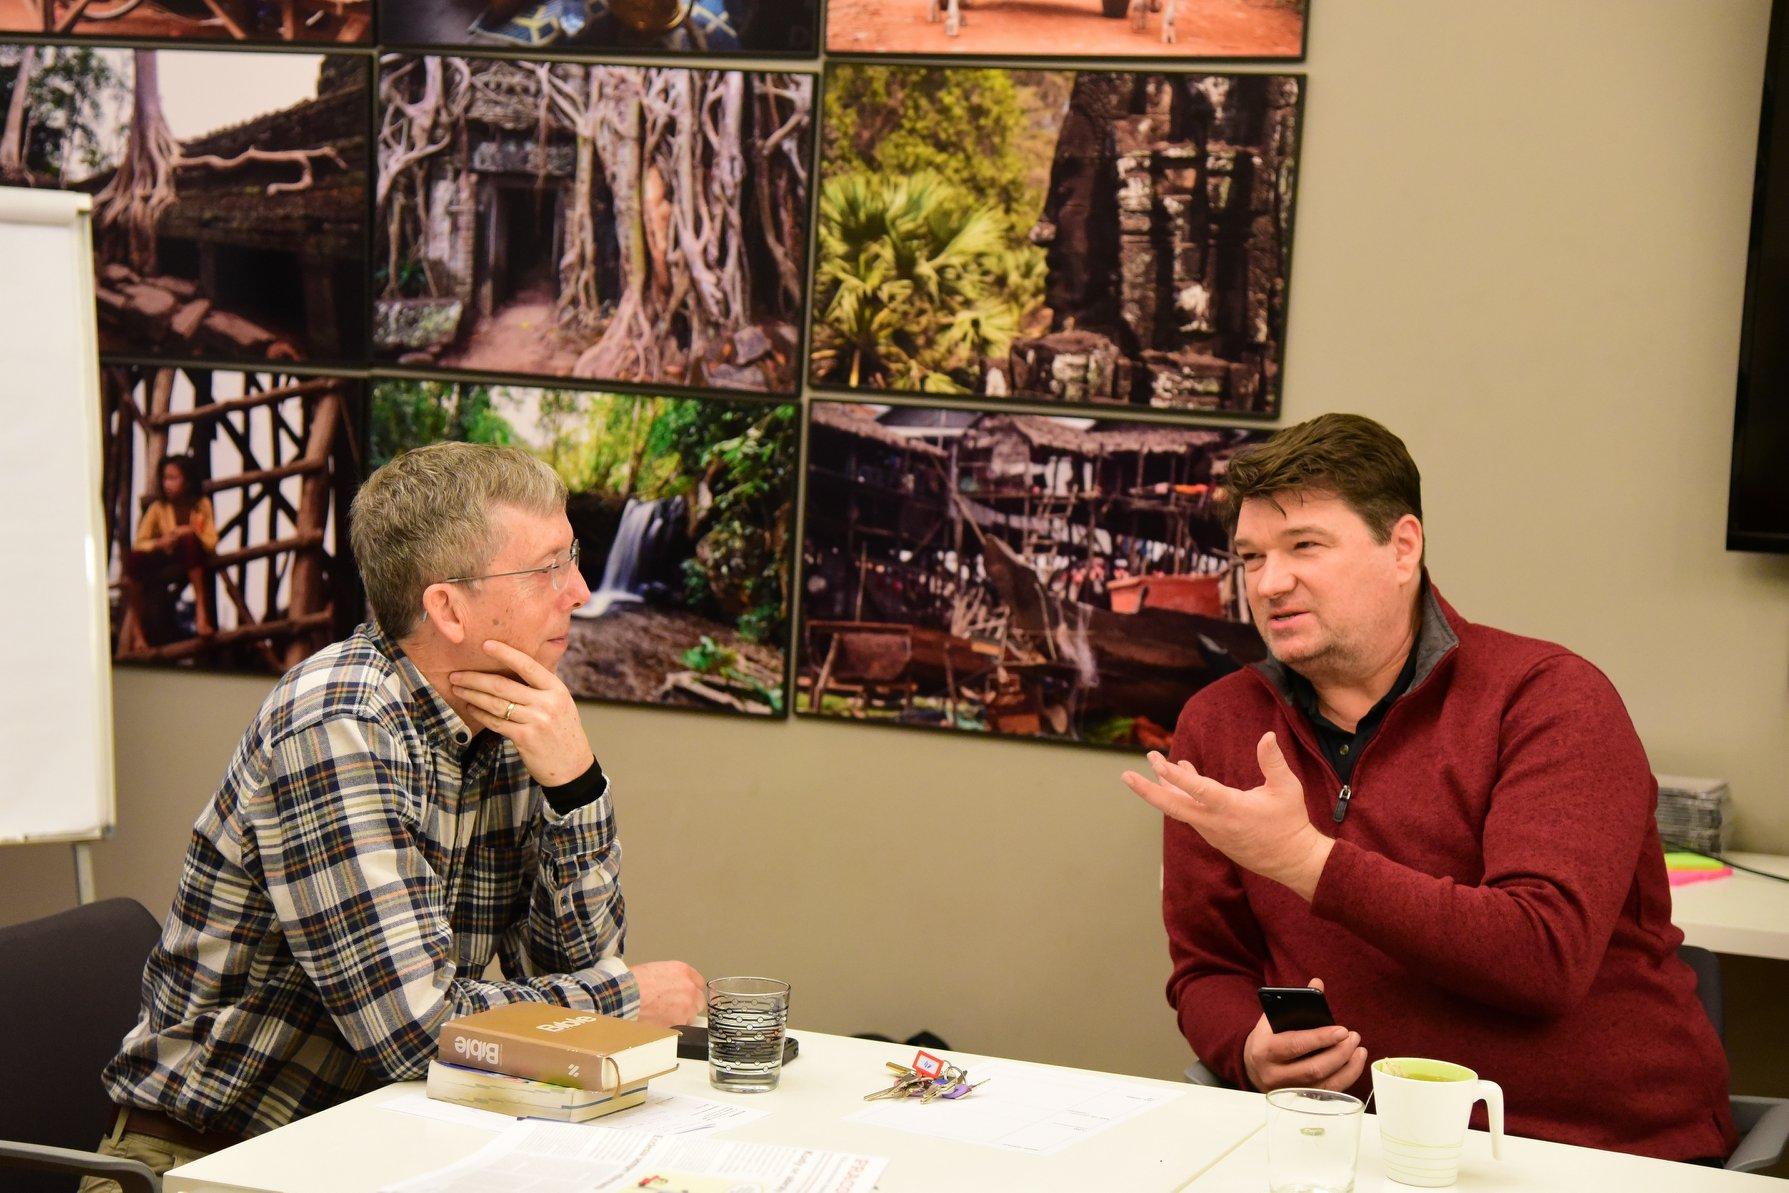 El Rev. Mark Hicks (derecha) habla con el Rev. Bill Seagren durante una reunión de pastores metodistas unidos en Praga en febrero de 2020. Foto cortesía de la Conferencia Anual de Holston.